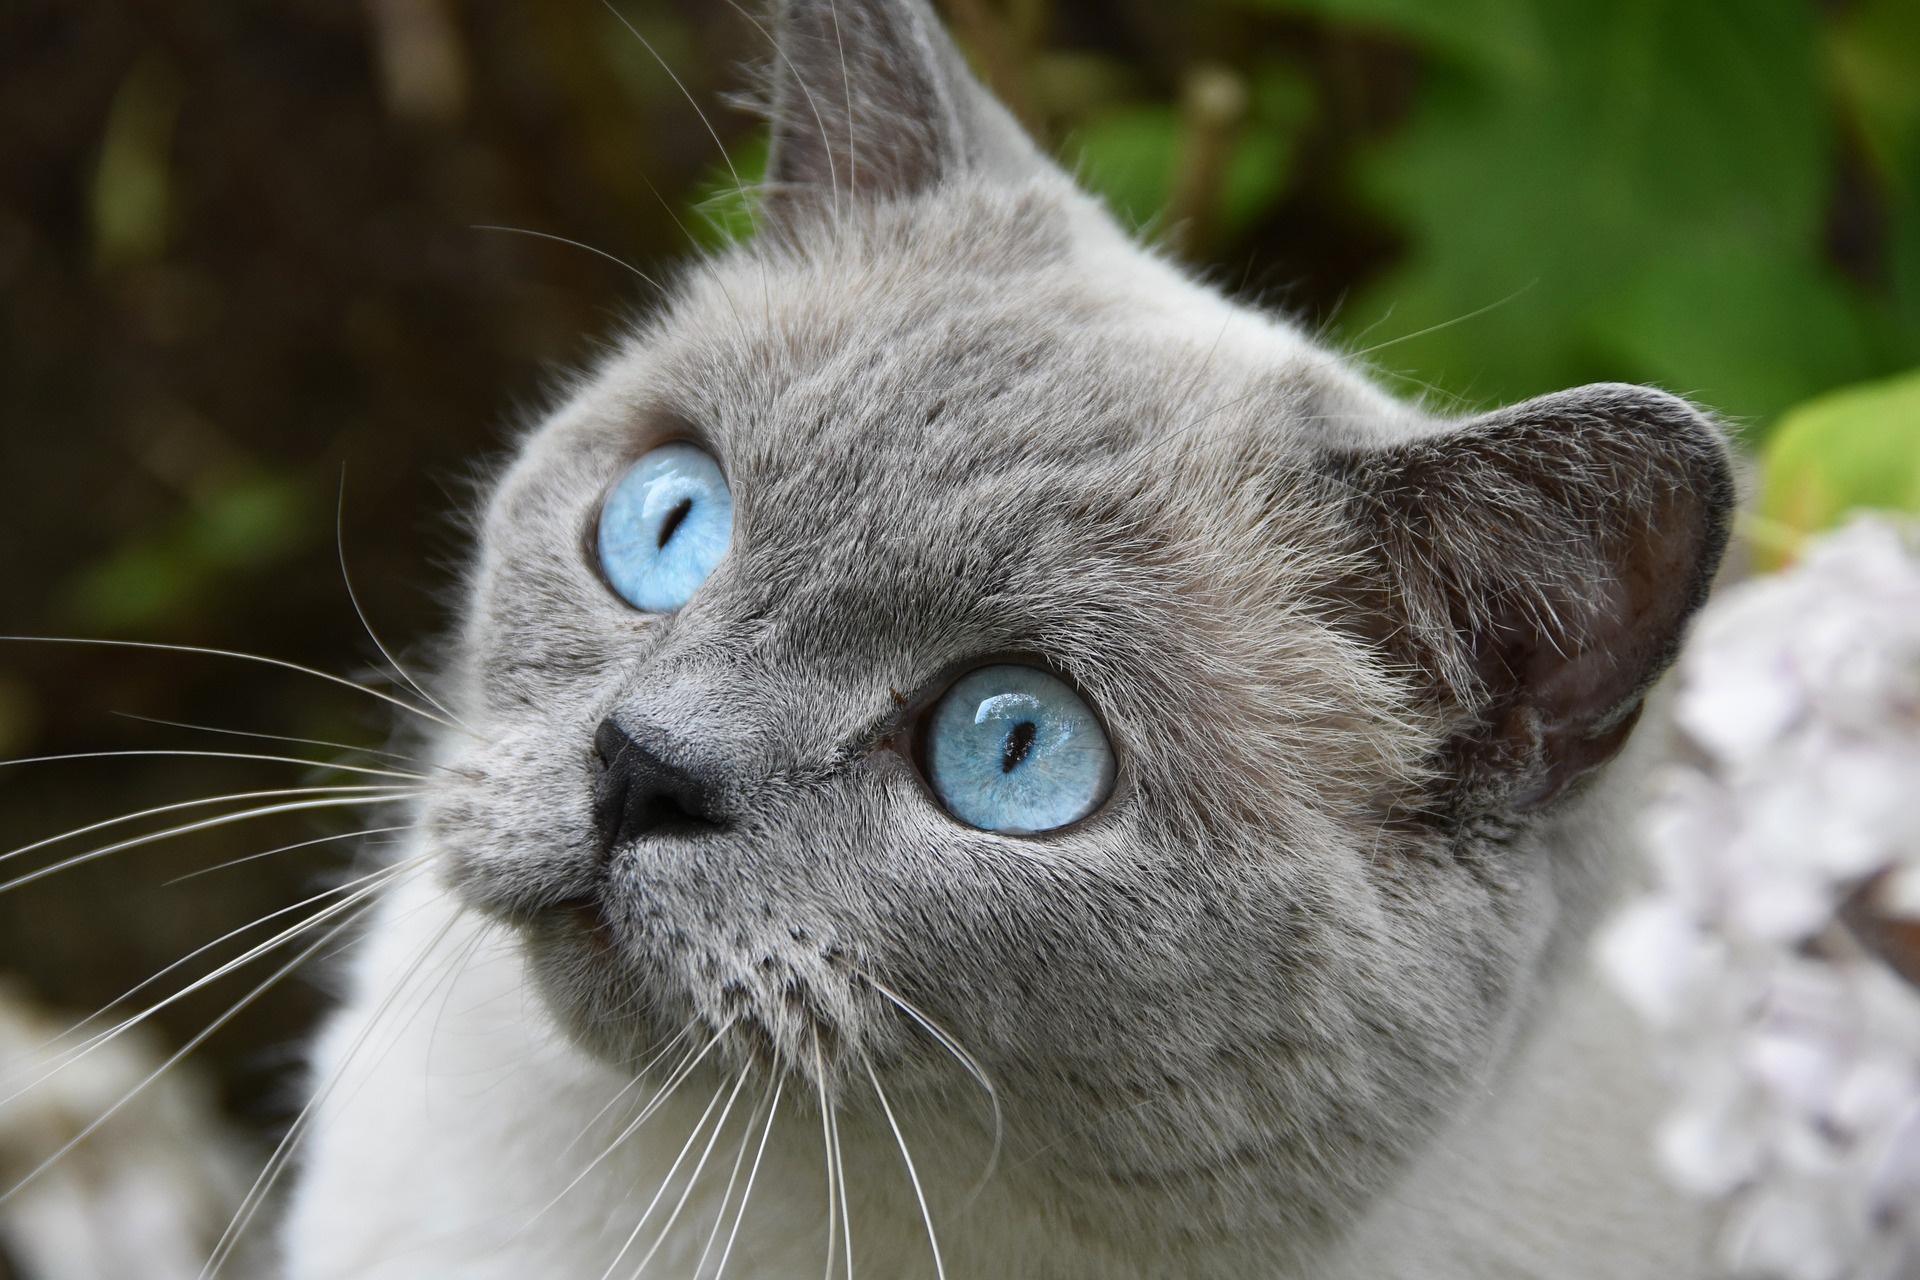 случается время порода голубоглазых кошек фото ноги руки